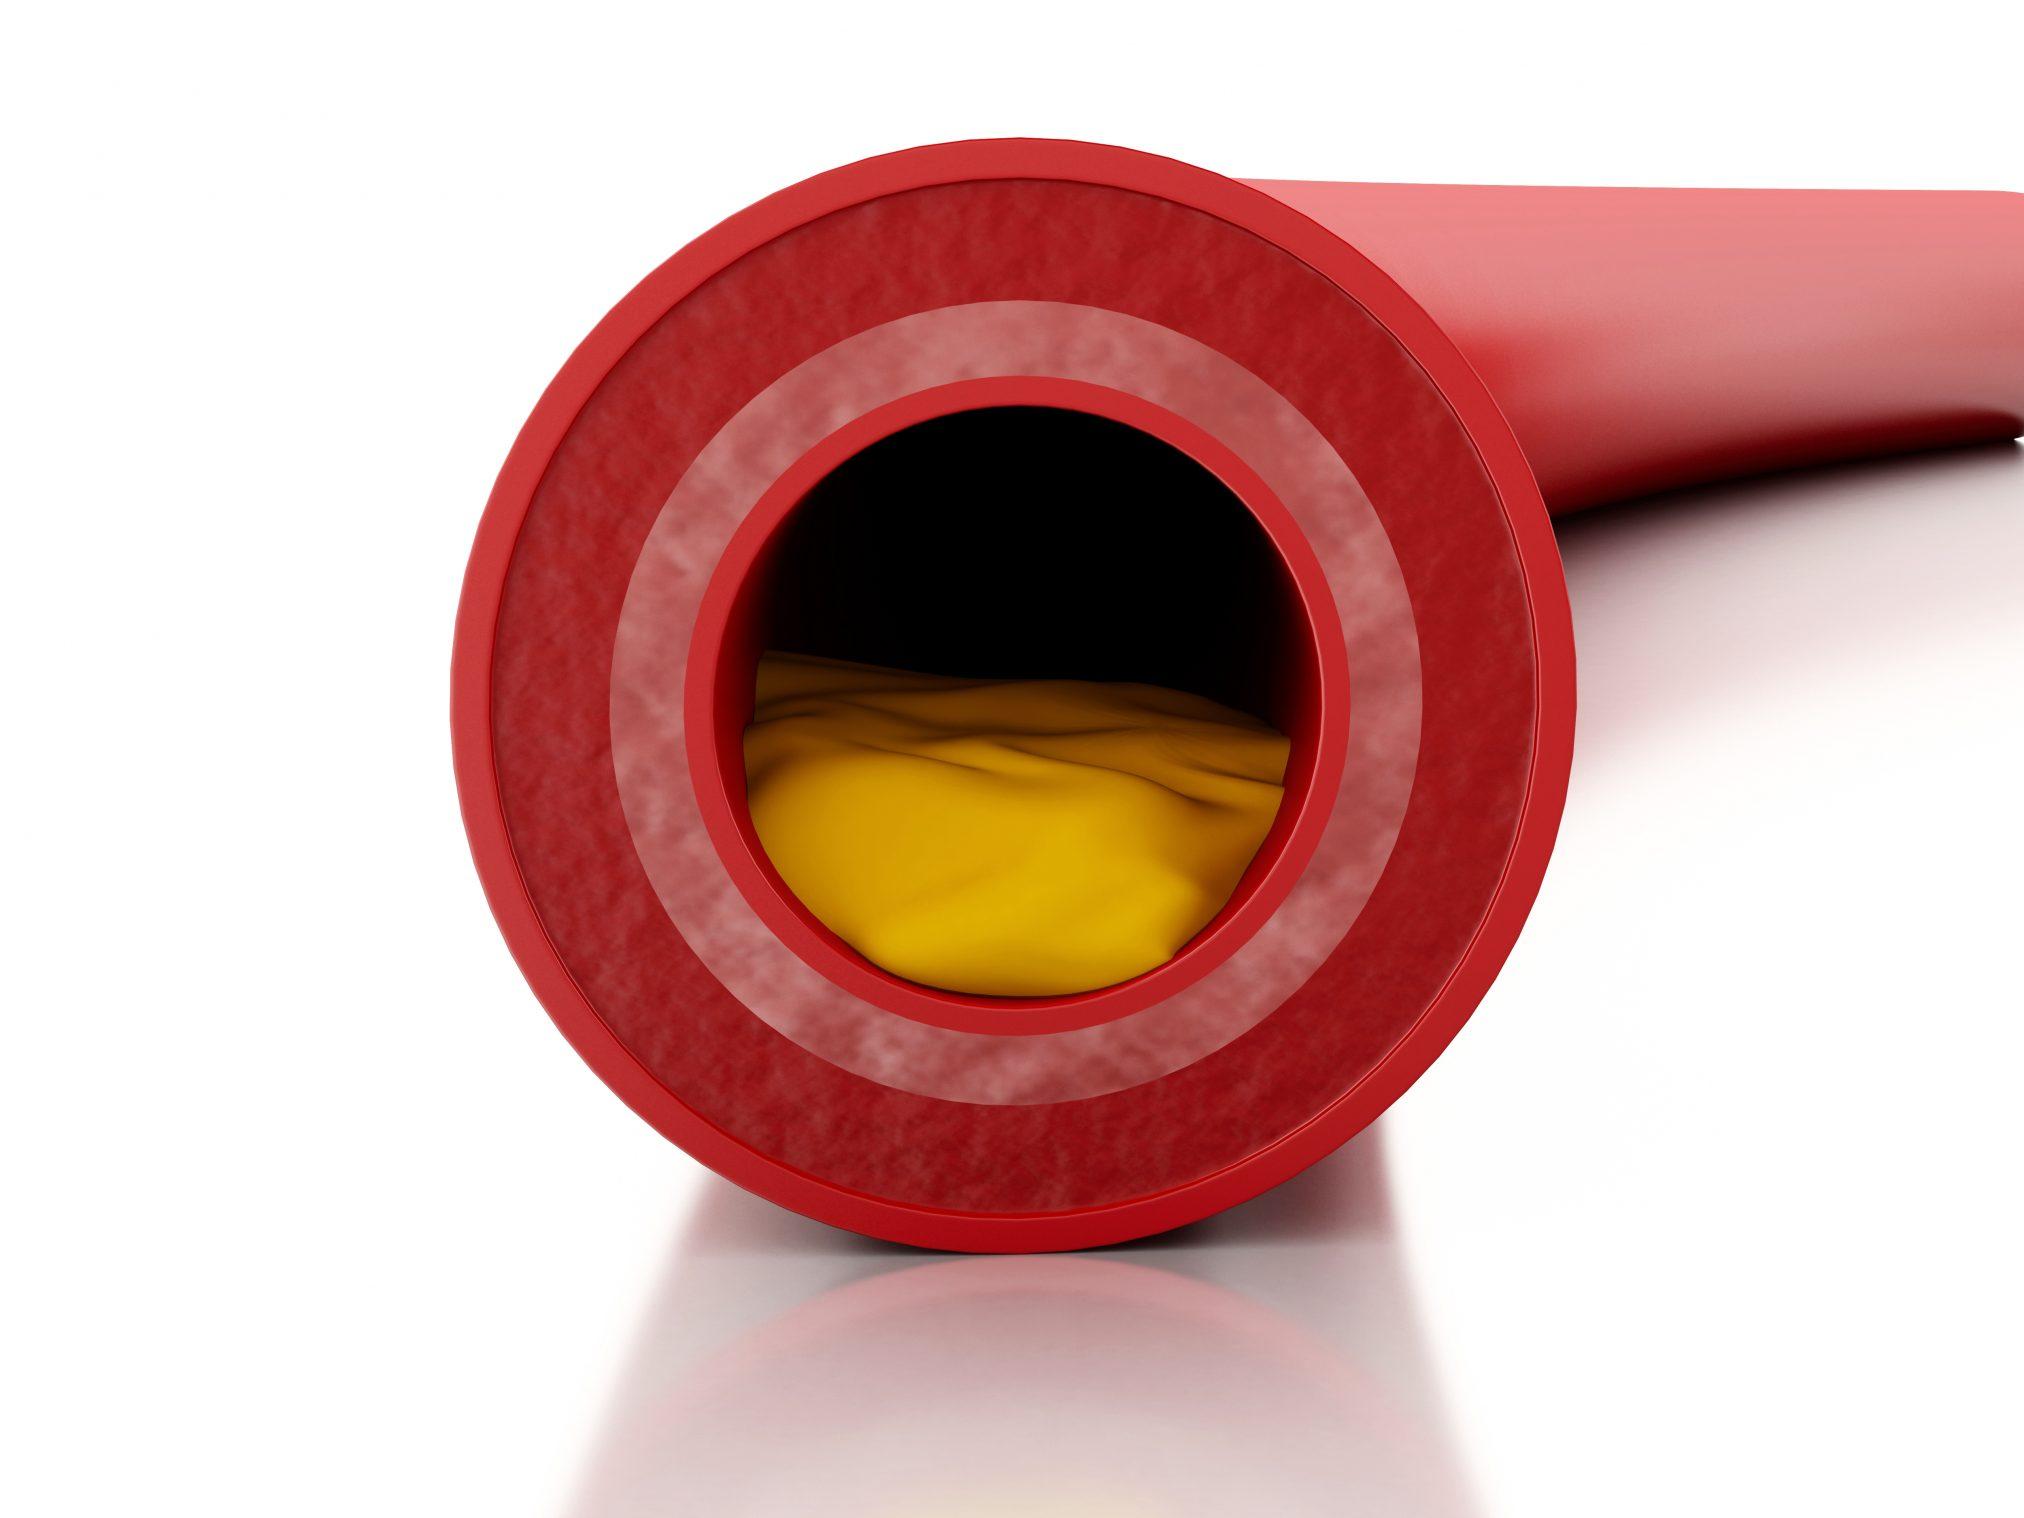 cholesterol in an artery